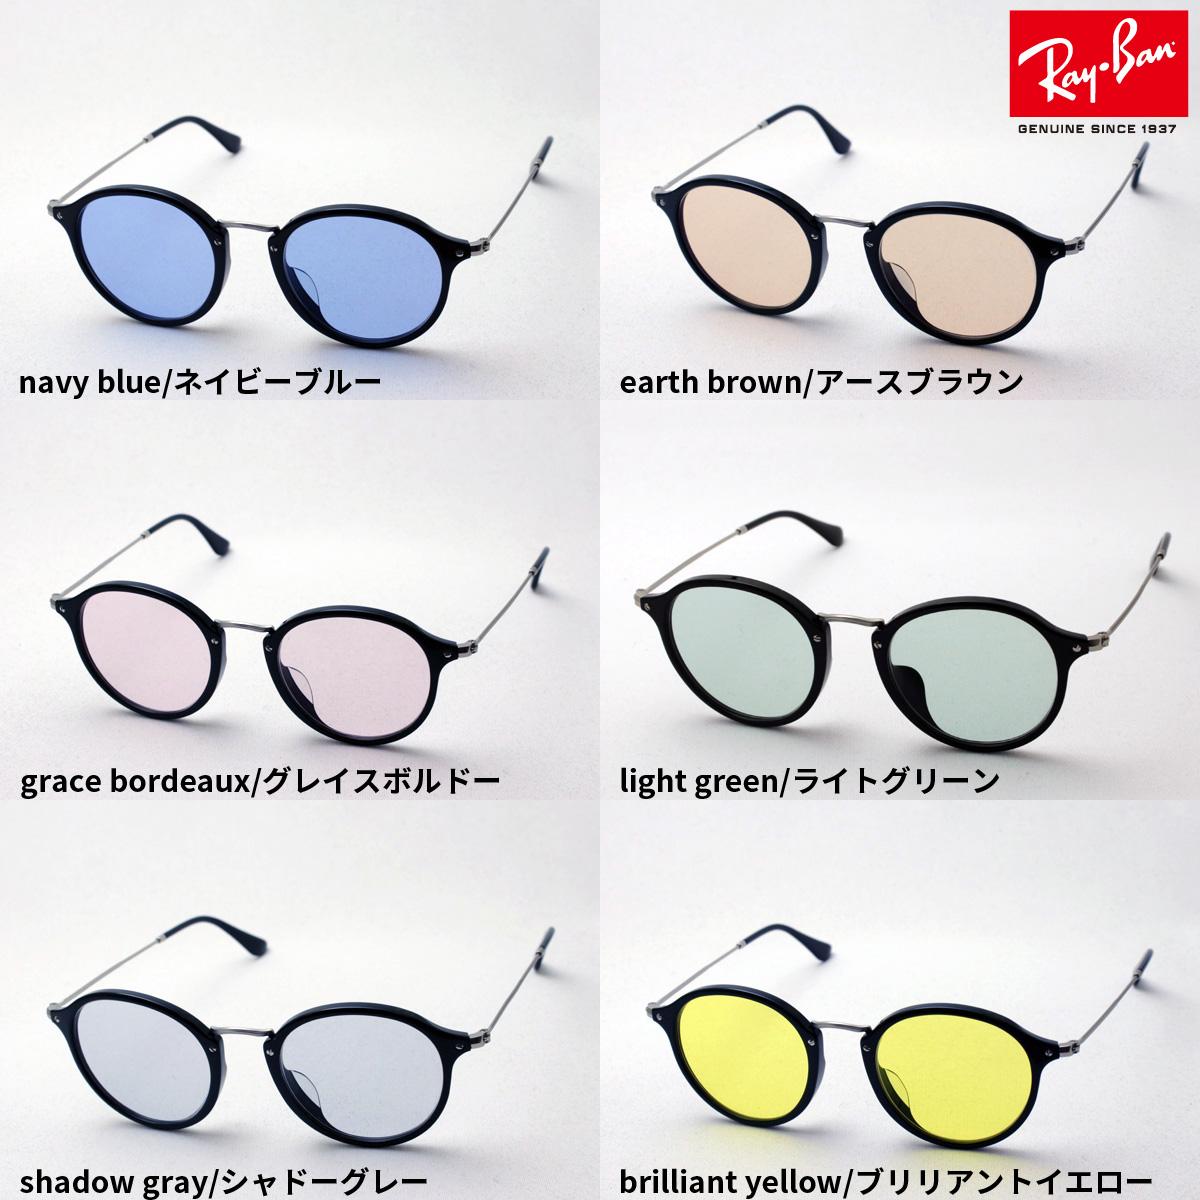 正規レイバン 日本最大級の品揃え レイバン サングラス Ray-Ban RX2447VF 2000 世界最高峰レンズメーカーHOYA製 ライトカラー レディース メンズ カラーレンズサングラス RayBan light color ボストン